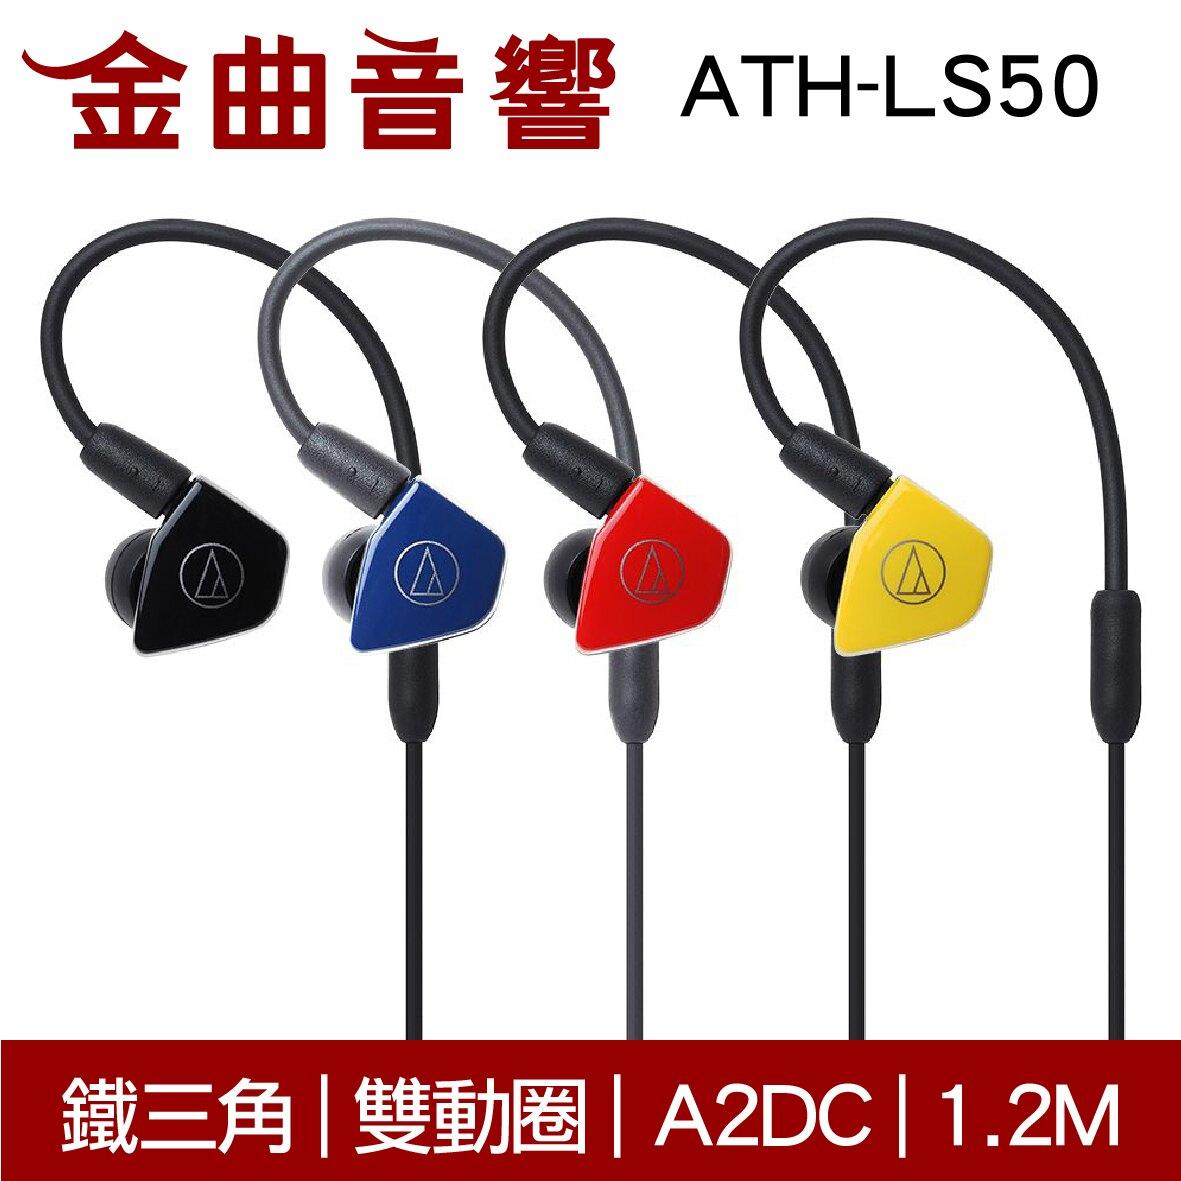 鐵三角 ATH-LS50 紅色 雙動圈 A2DC 耳道式 耳機 | 金曲音響